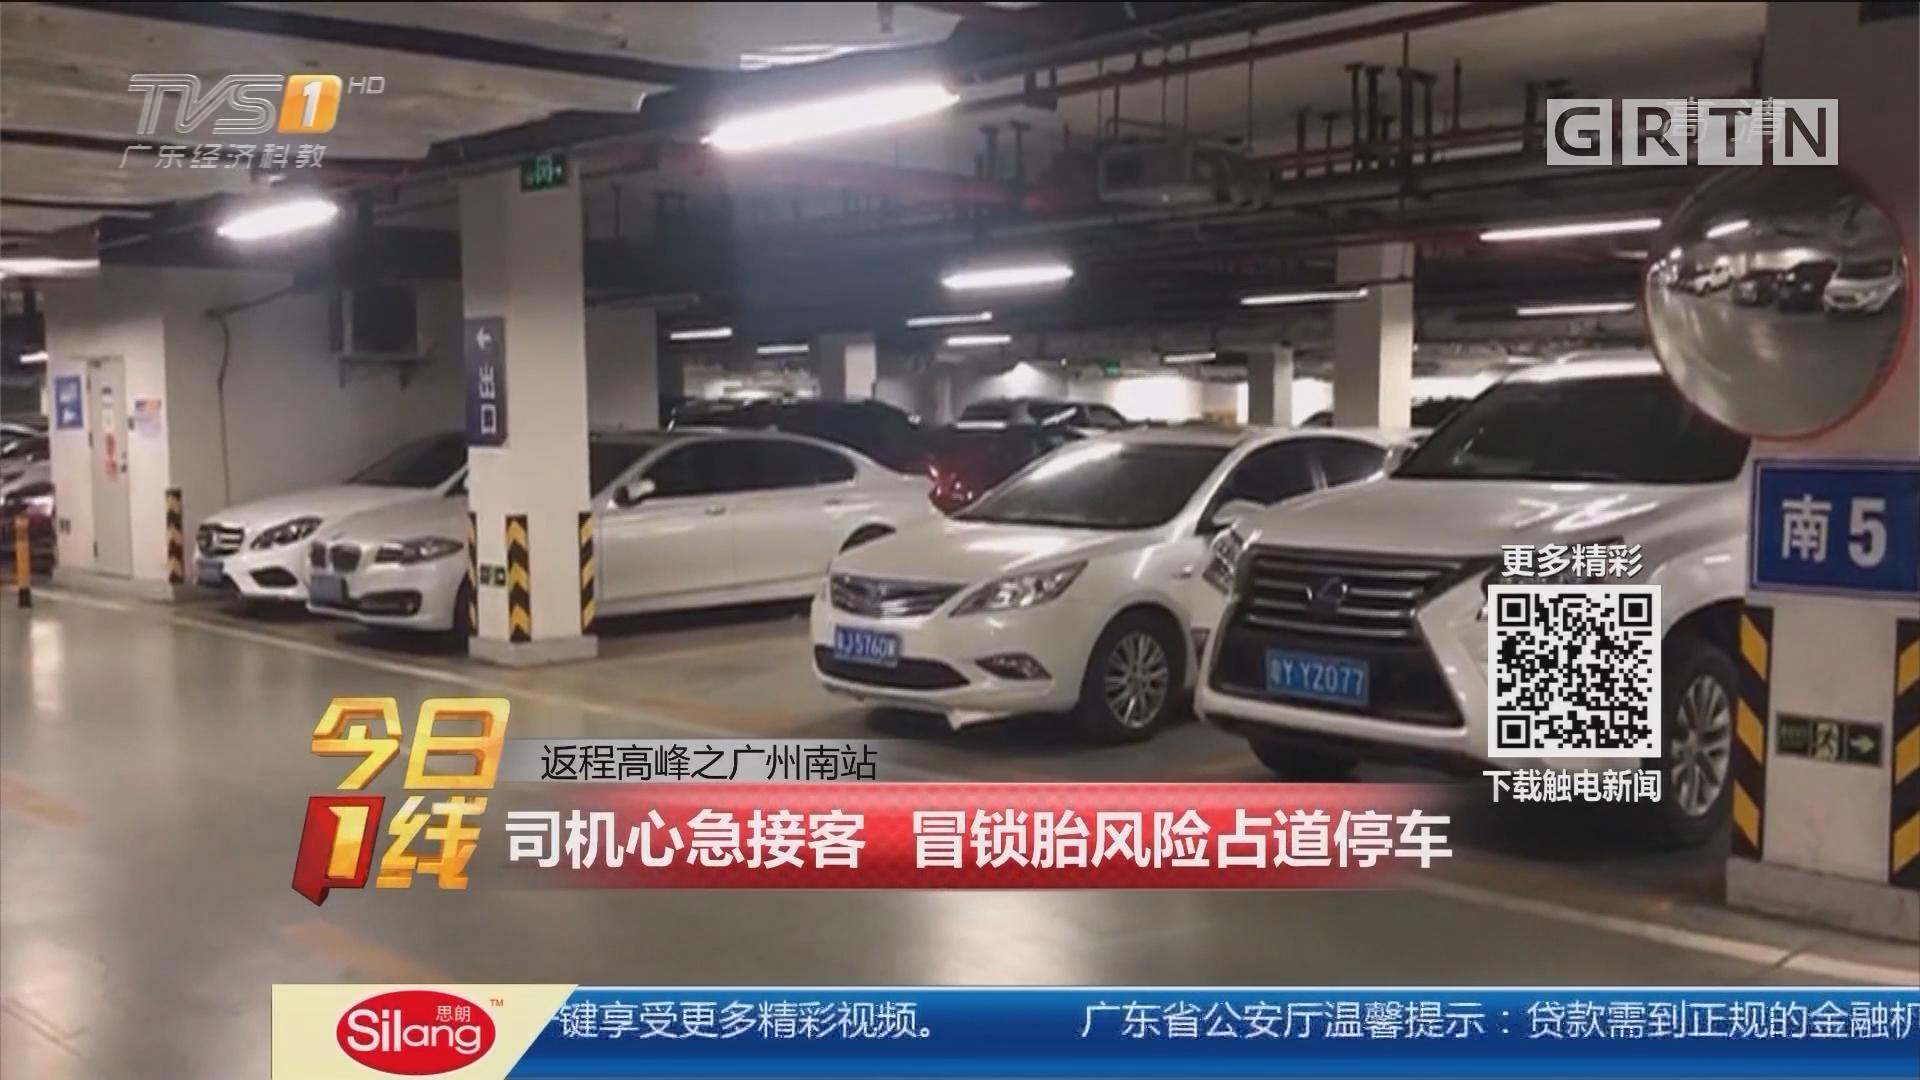 返程高峰之广州南站:司机心急接客 冒锁胎风险占道停车